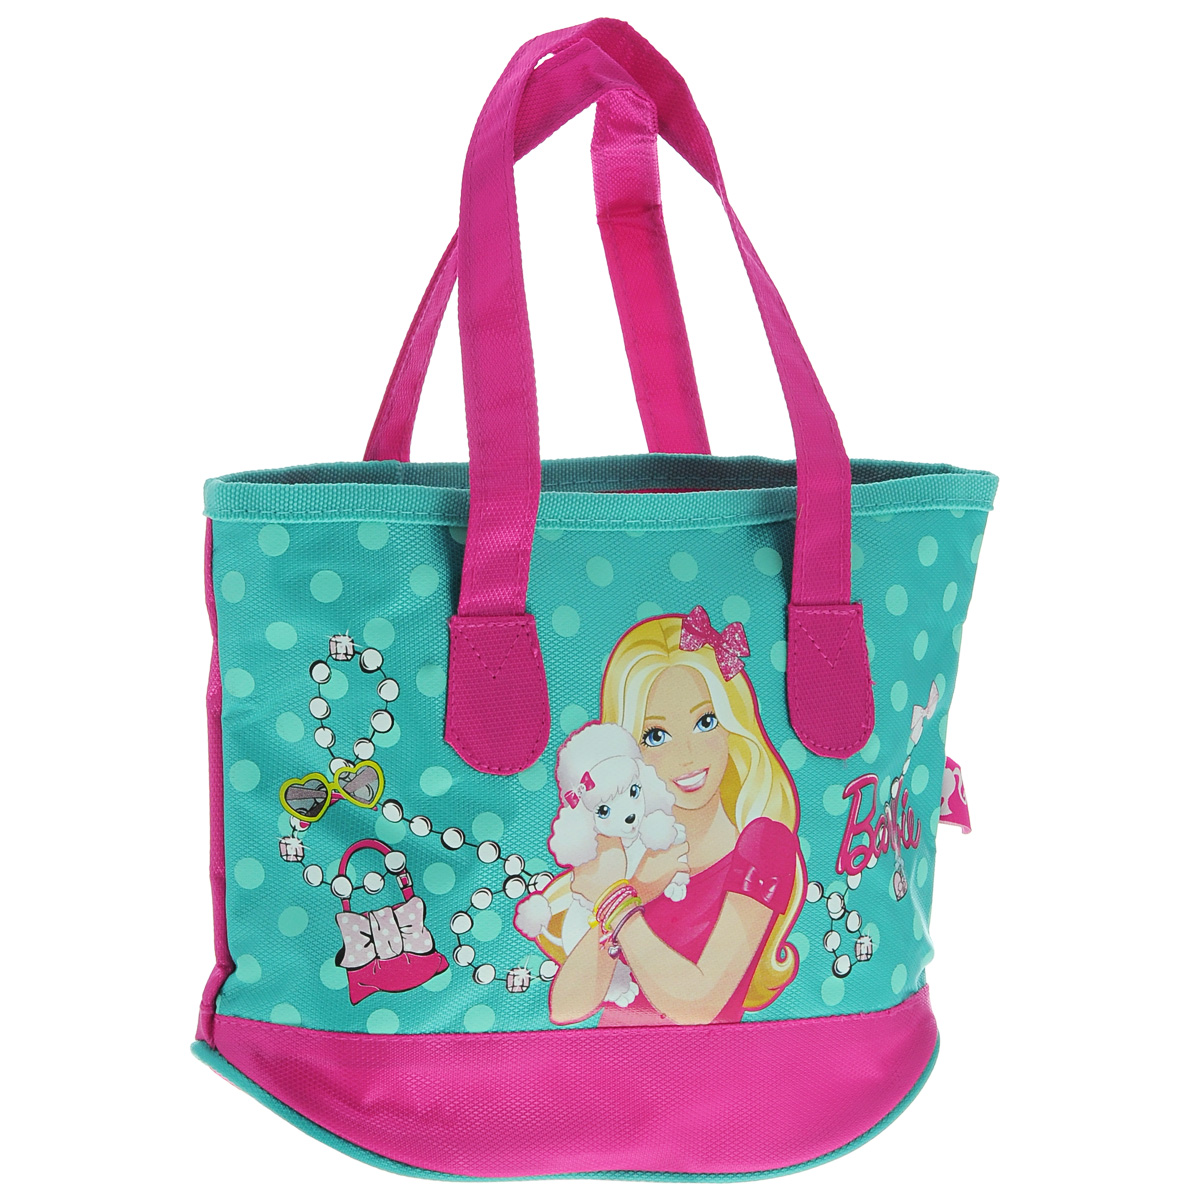 Сумка детская Barbie, цвет: бирюзовый, розовыйBRAP-UT-930Детская сумка Barbie выполнена из прочного полиэстера и оформлена термоаппликацией с изображением Барби, обнимающей белого пуделя. Сумочка содержит одно отделение и закрывается на застежку-молнию.Сумочка оснащена двумя ручками для переноски.Рекомендуемый возраст: от 3 лет.